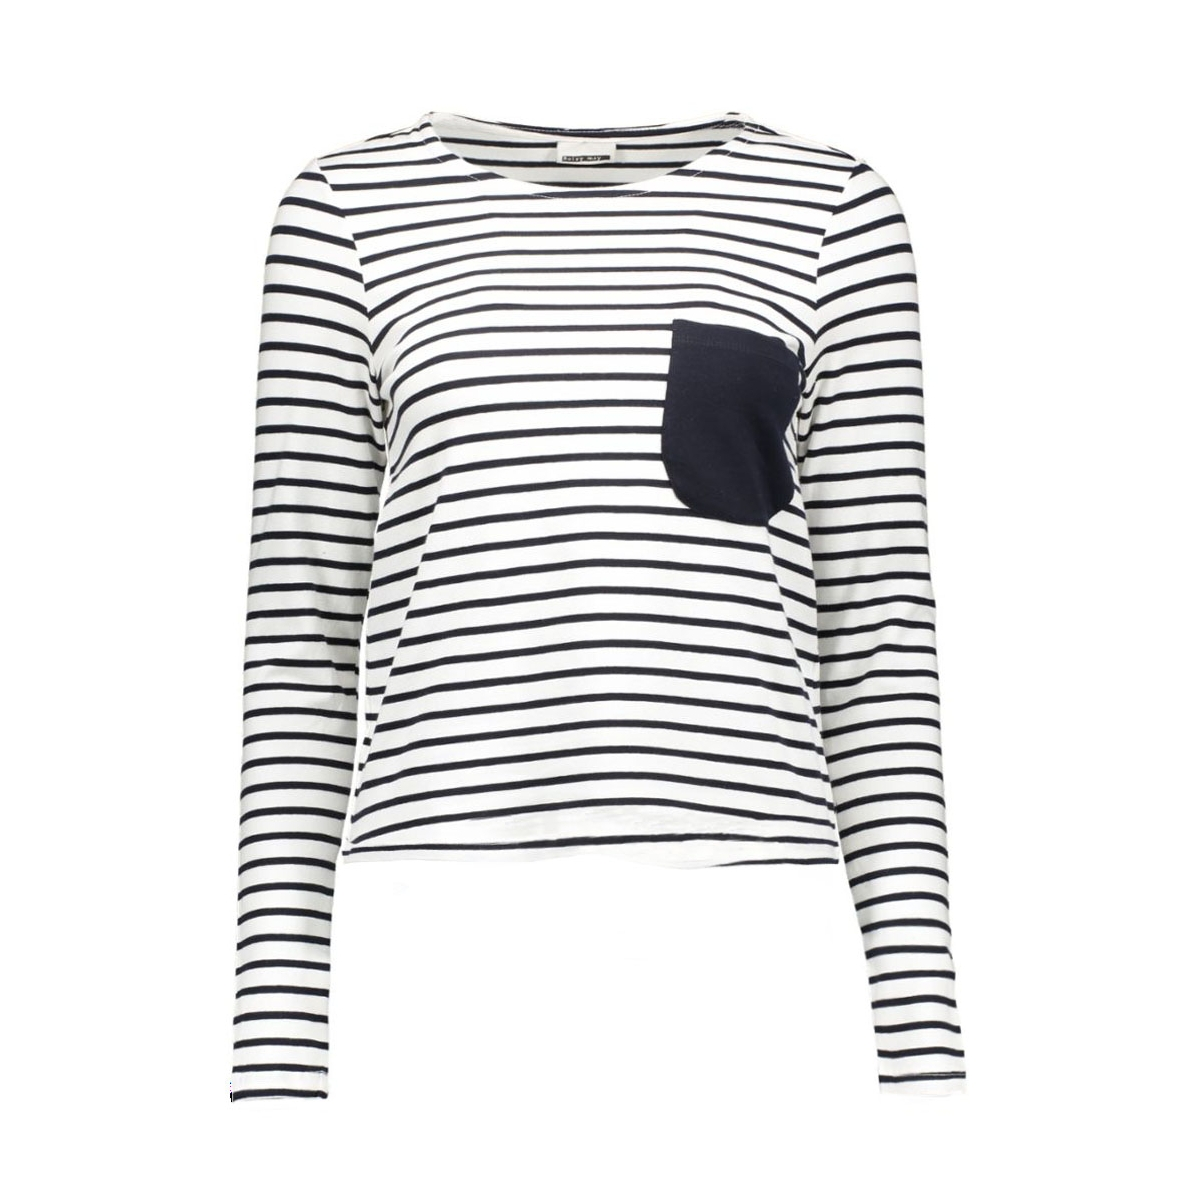 nmavery l/s short top 10167638 noisy may t-shirt bright white/navy